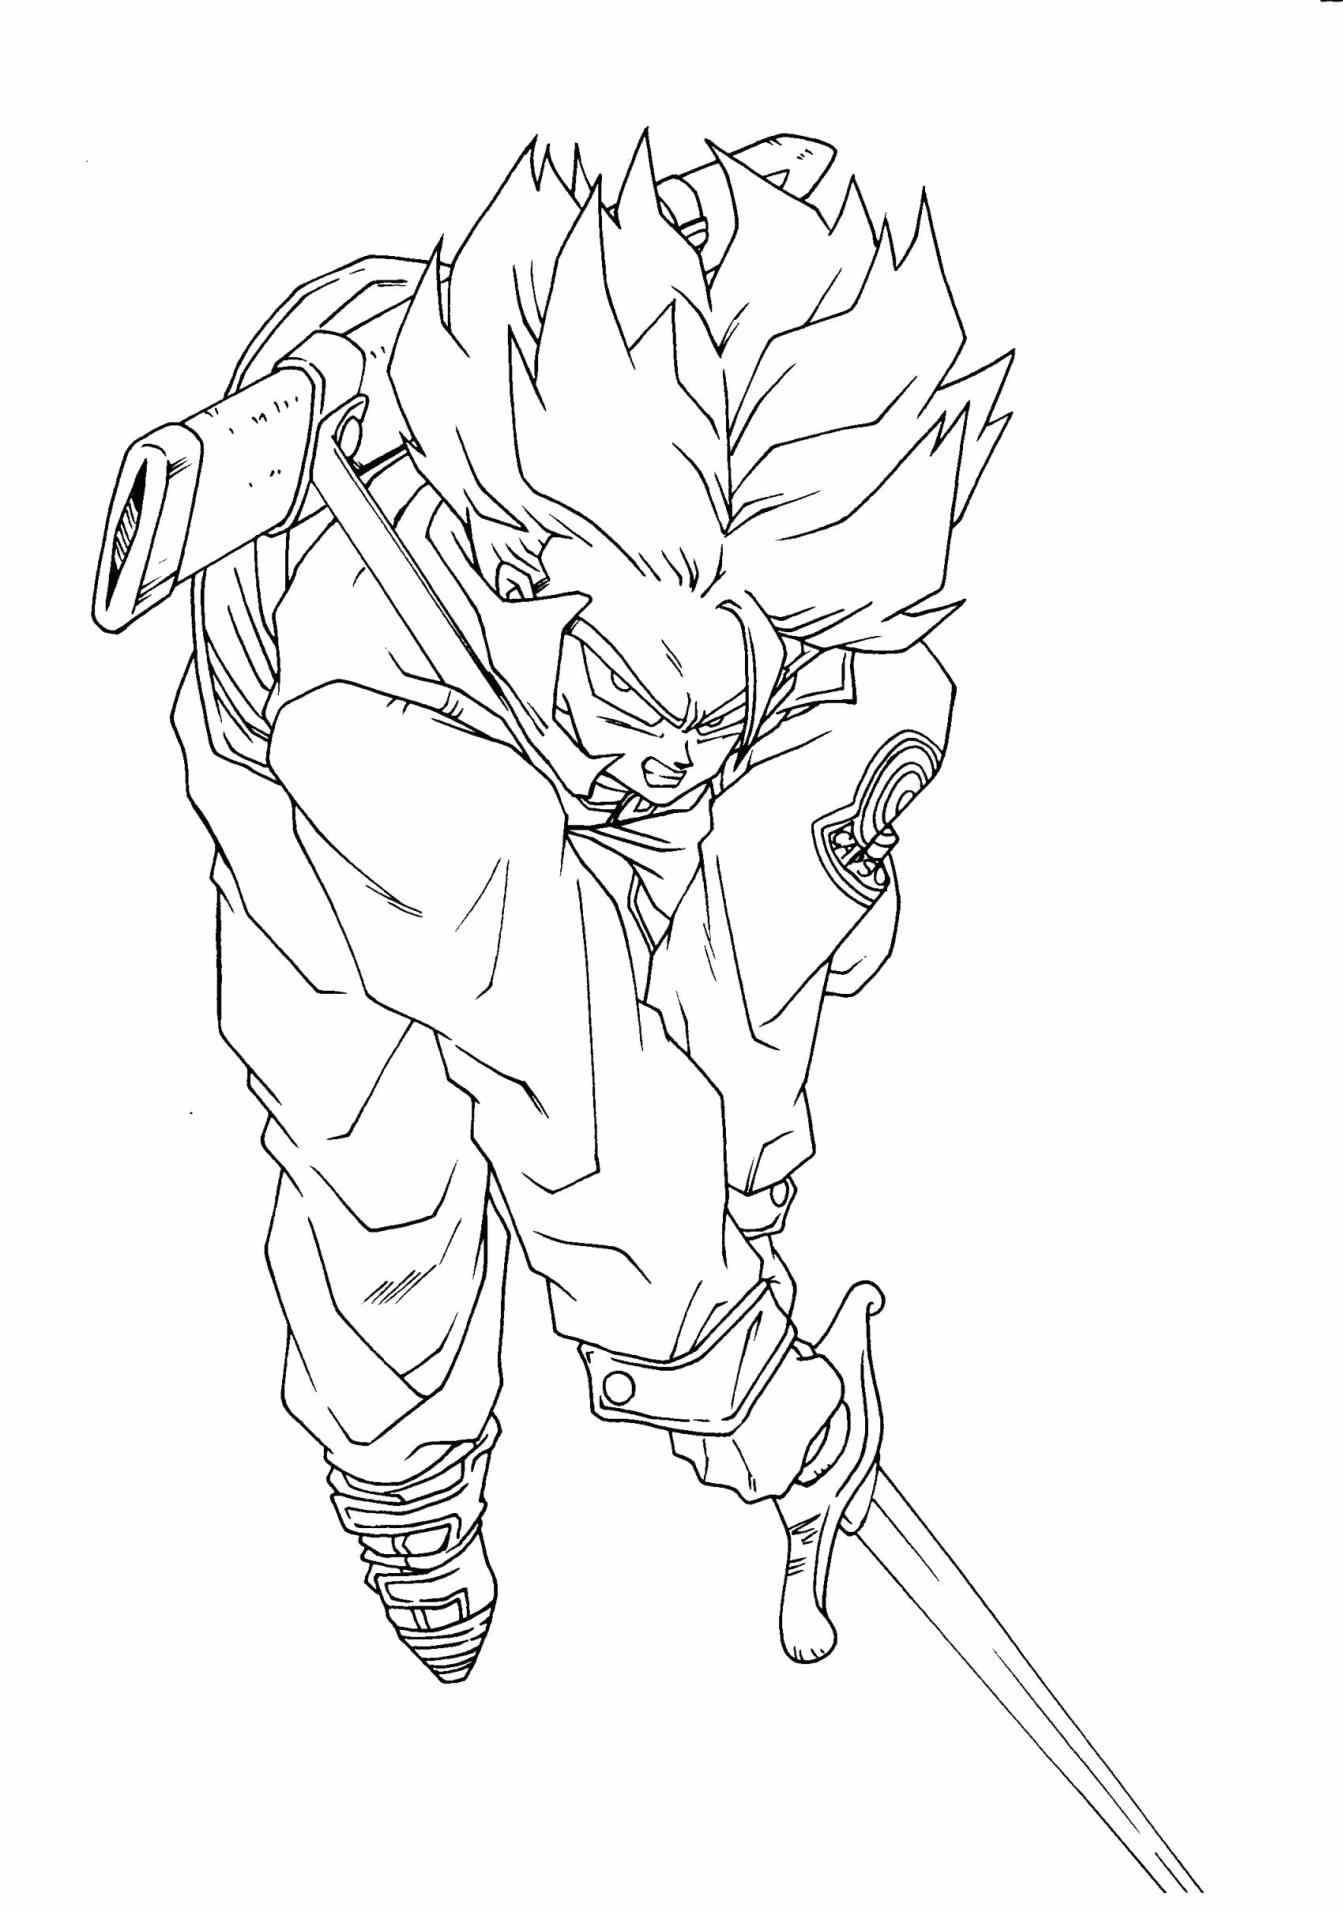 1343x1912 Goku And Goku Black Drawing Dragonballz Amino. Fanartfanart Goku